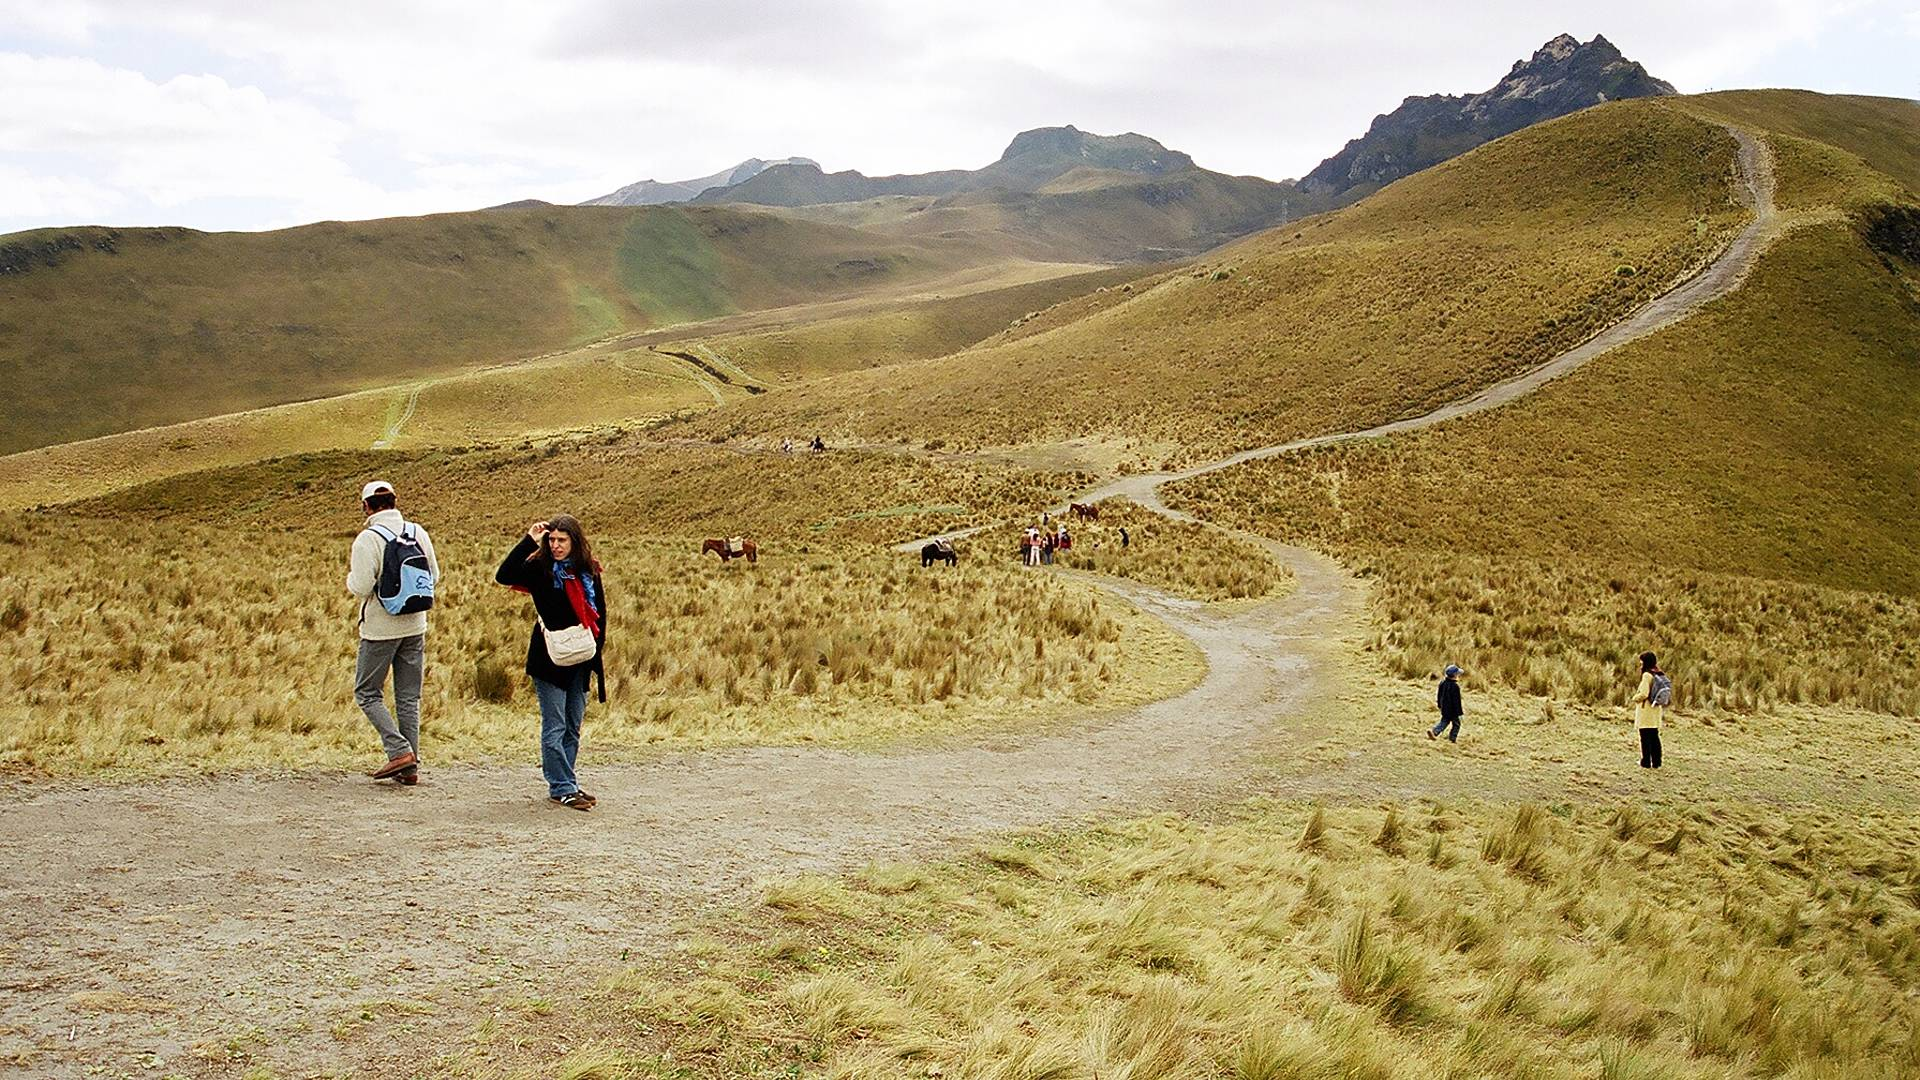 Trekking sur les sentiers des Andes